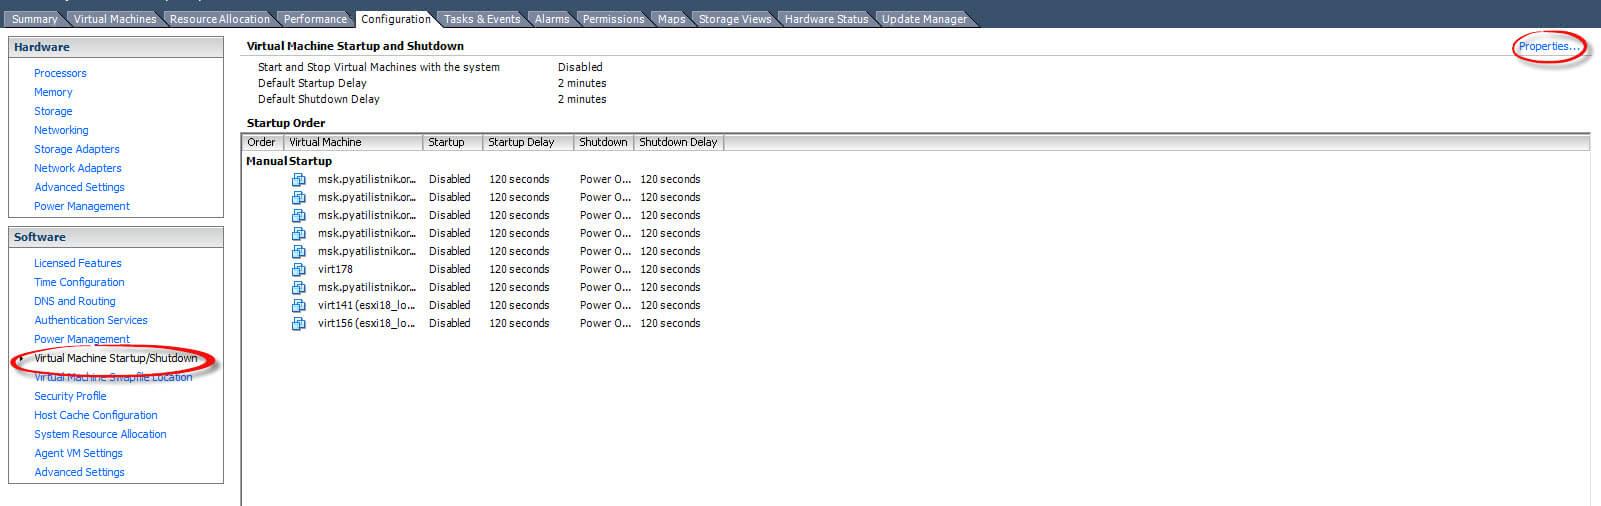 Как настроить автозапуск виртуальной машины в Vcenter 5.5 или ESXi 5.5-02